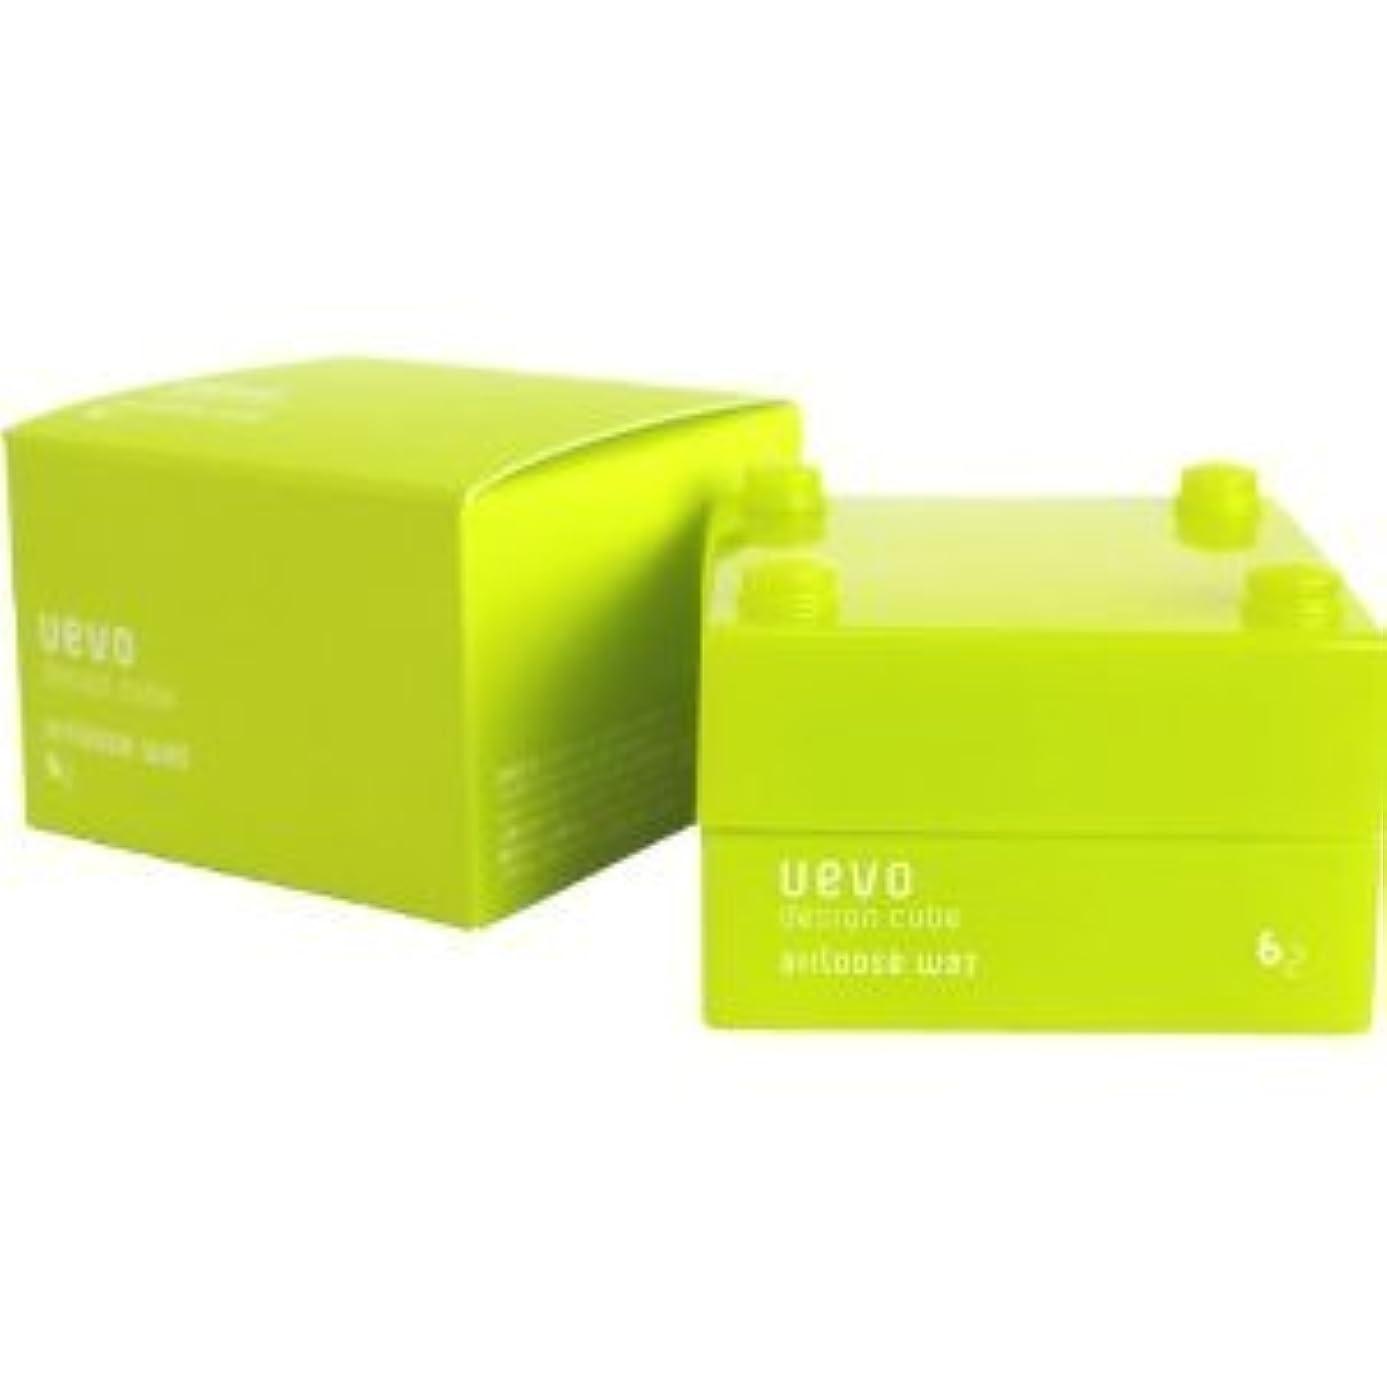 凝視ロードハウススクワイア【X2個セット】 デミ ウェーボ デザインキューブ エアルーズワックス 30g airloose wax DEMI uevo design cube